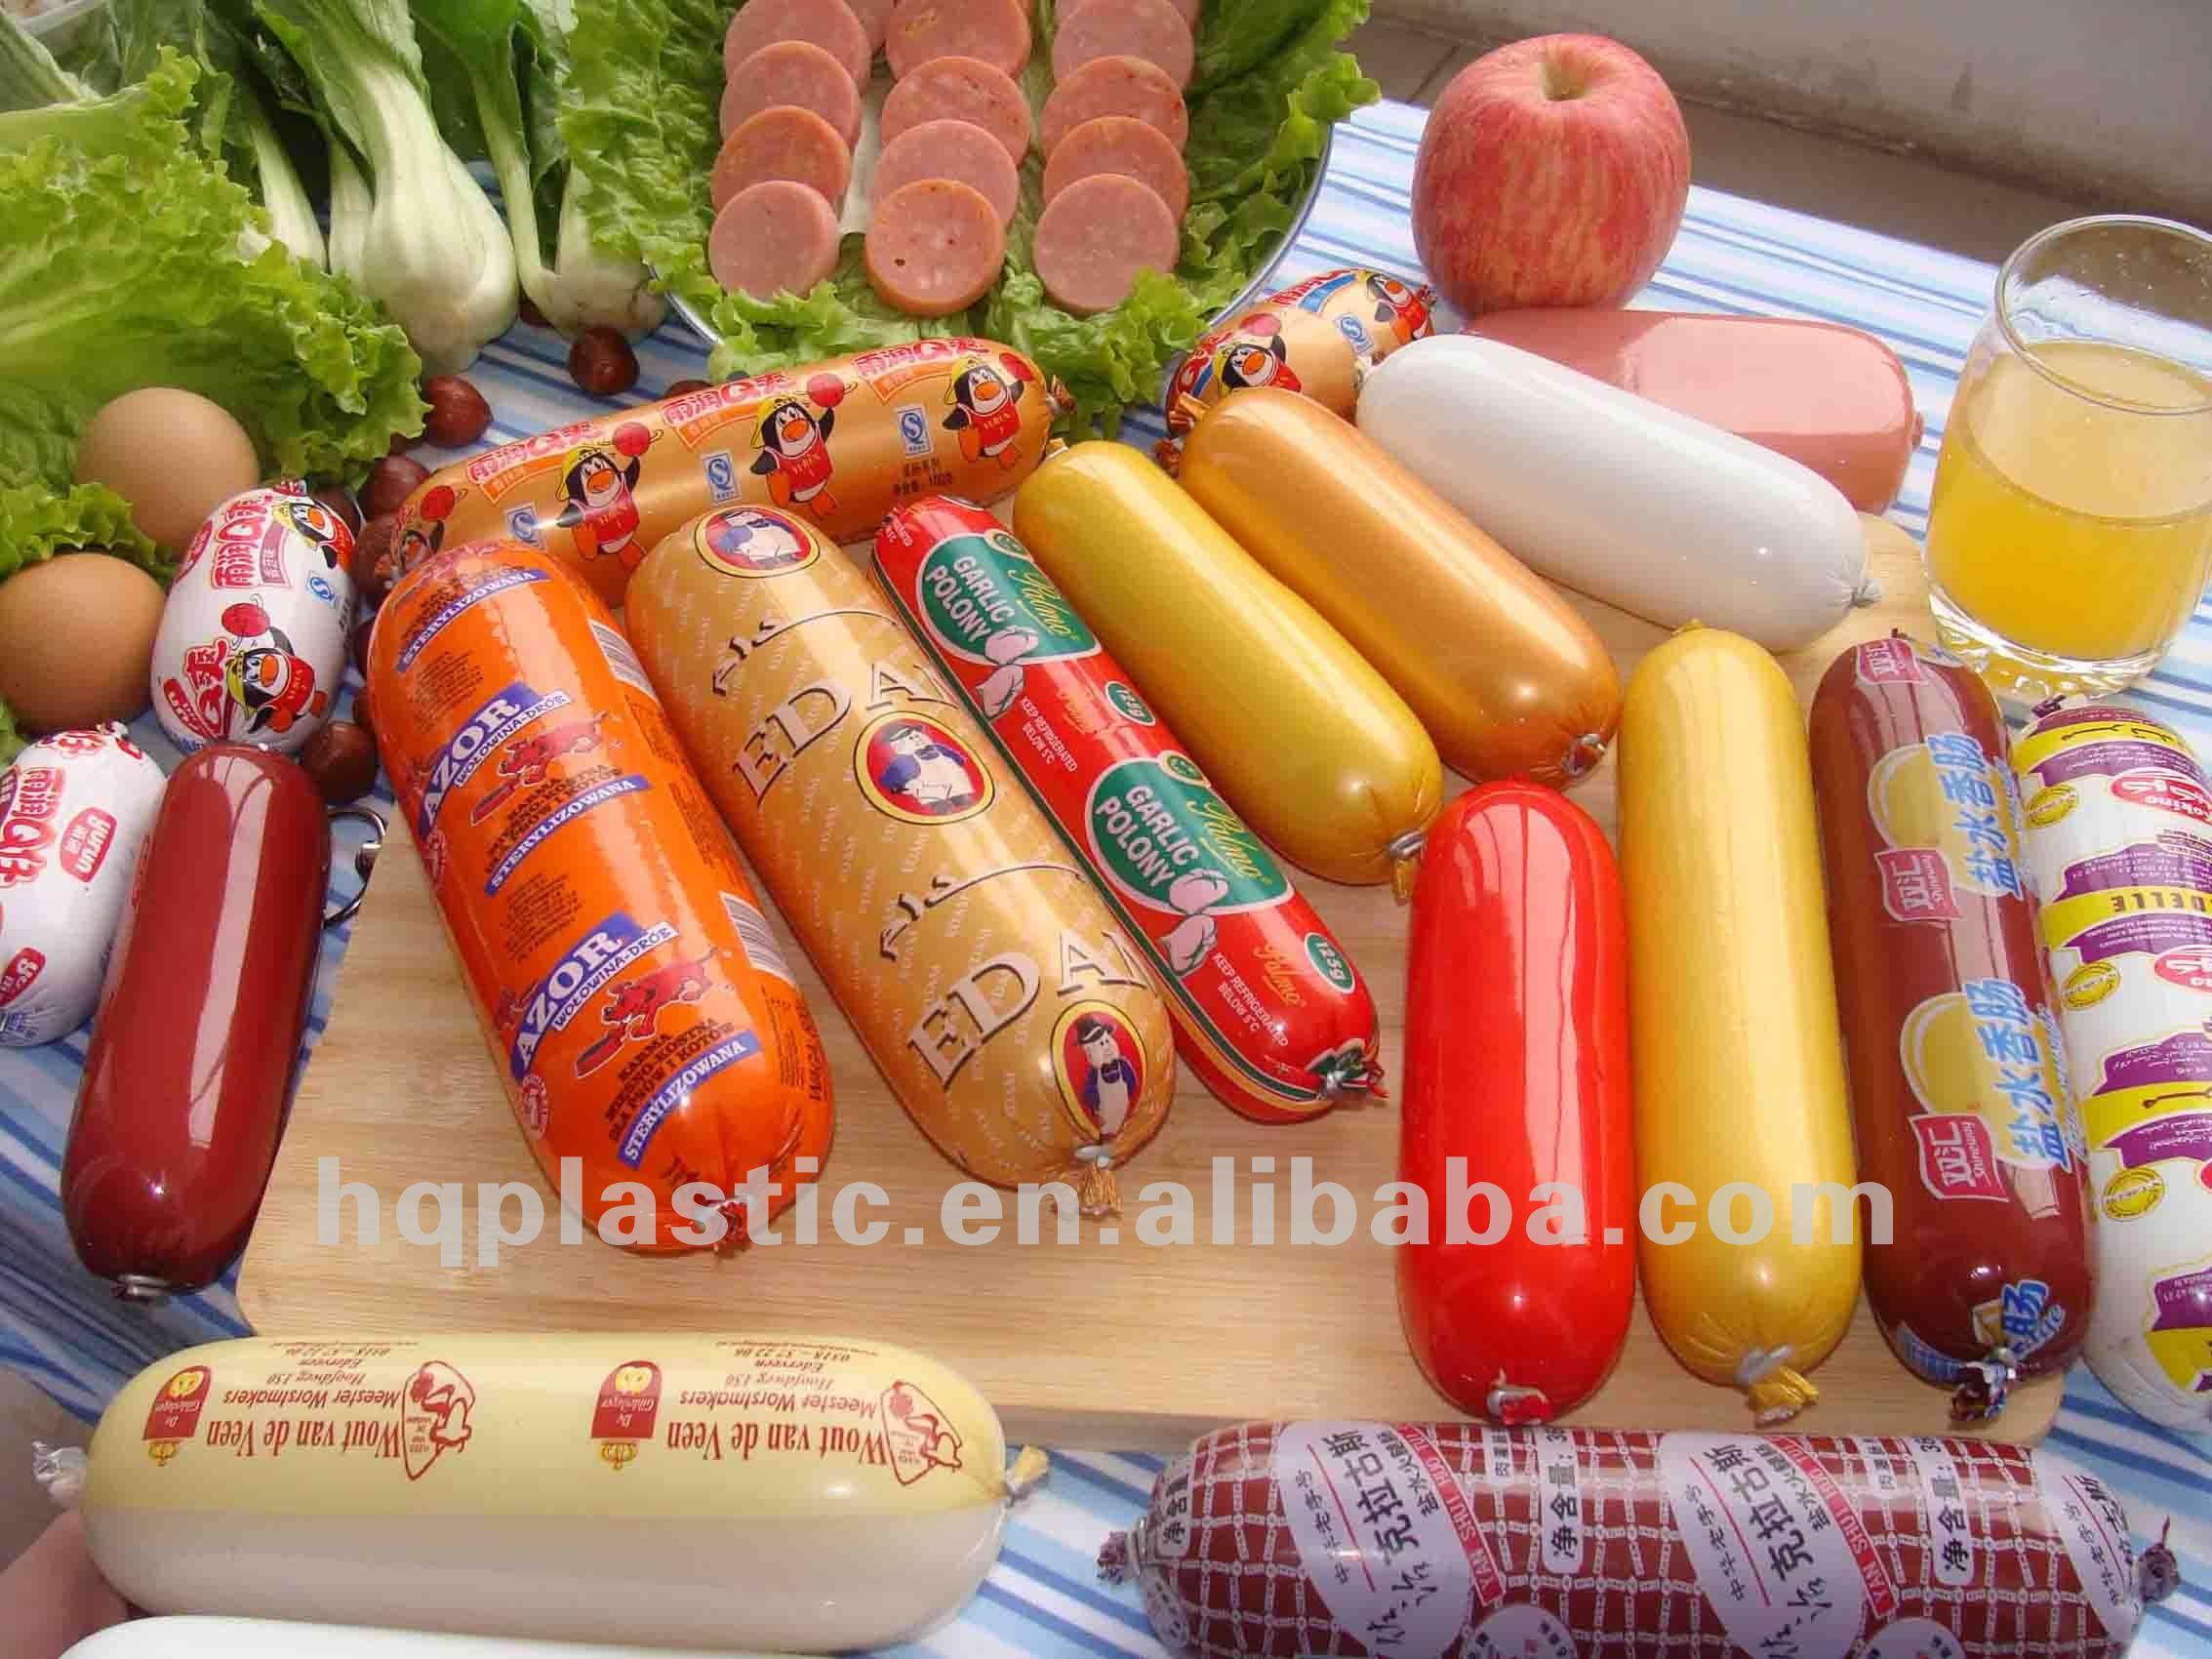 بلاستيكية لتغليف المواد الغذائية